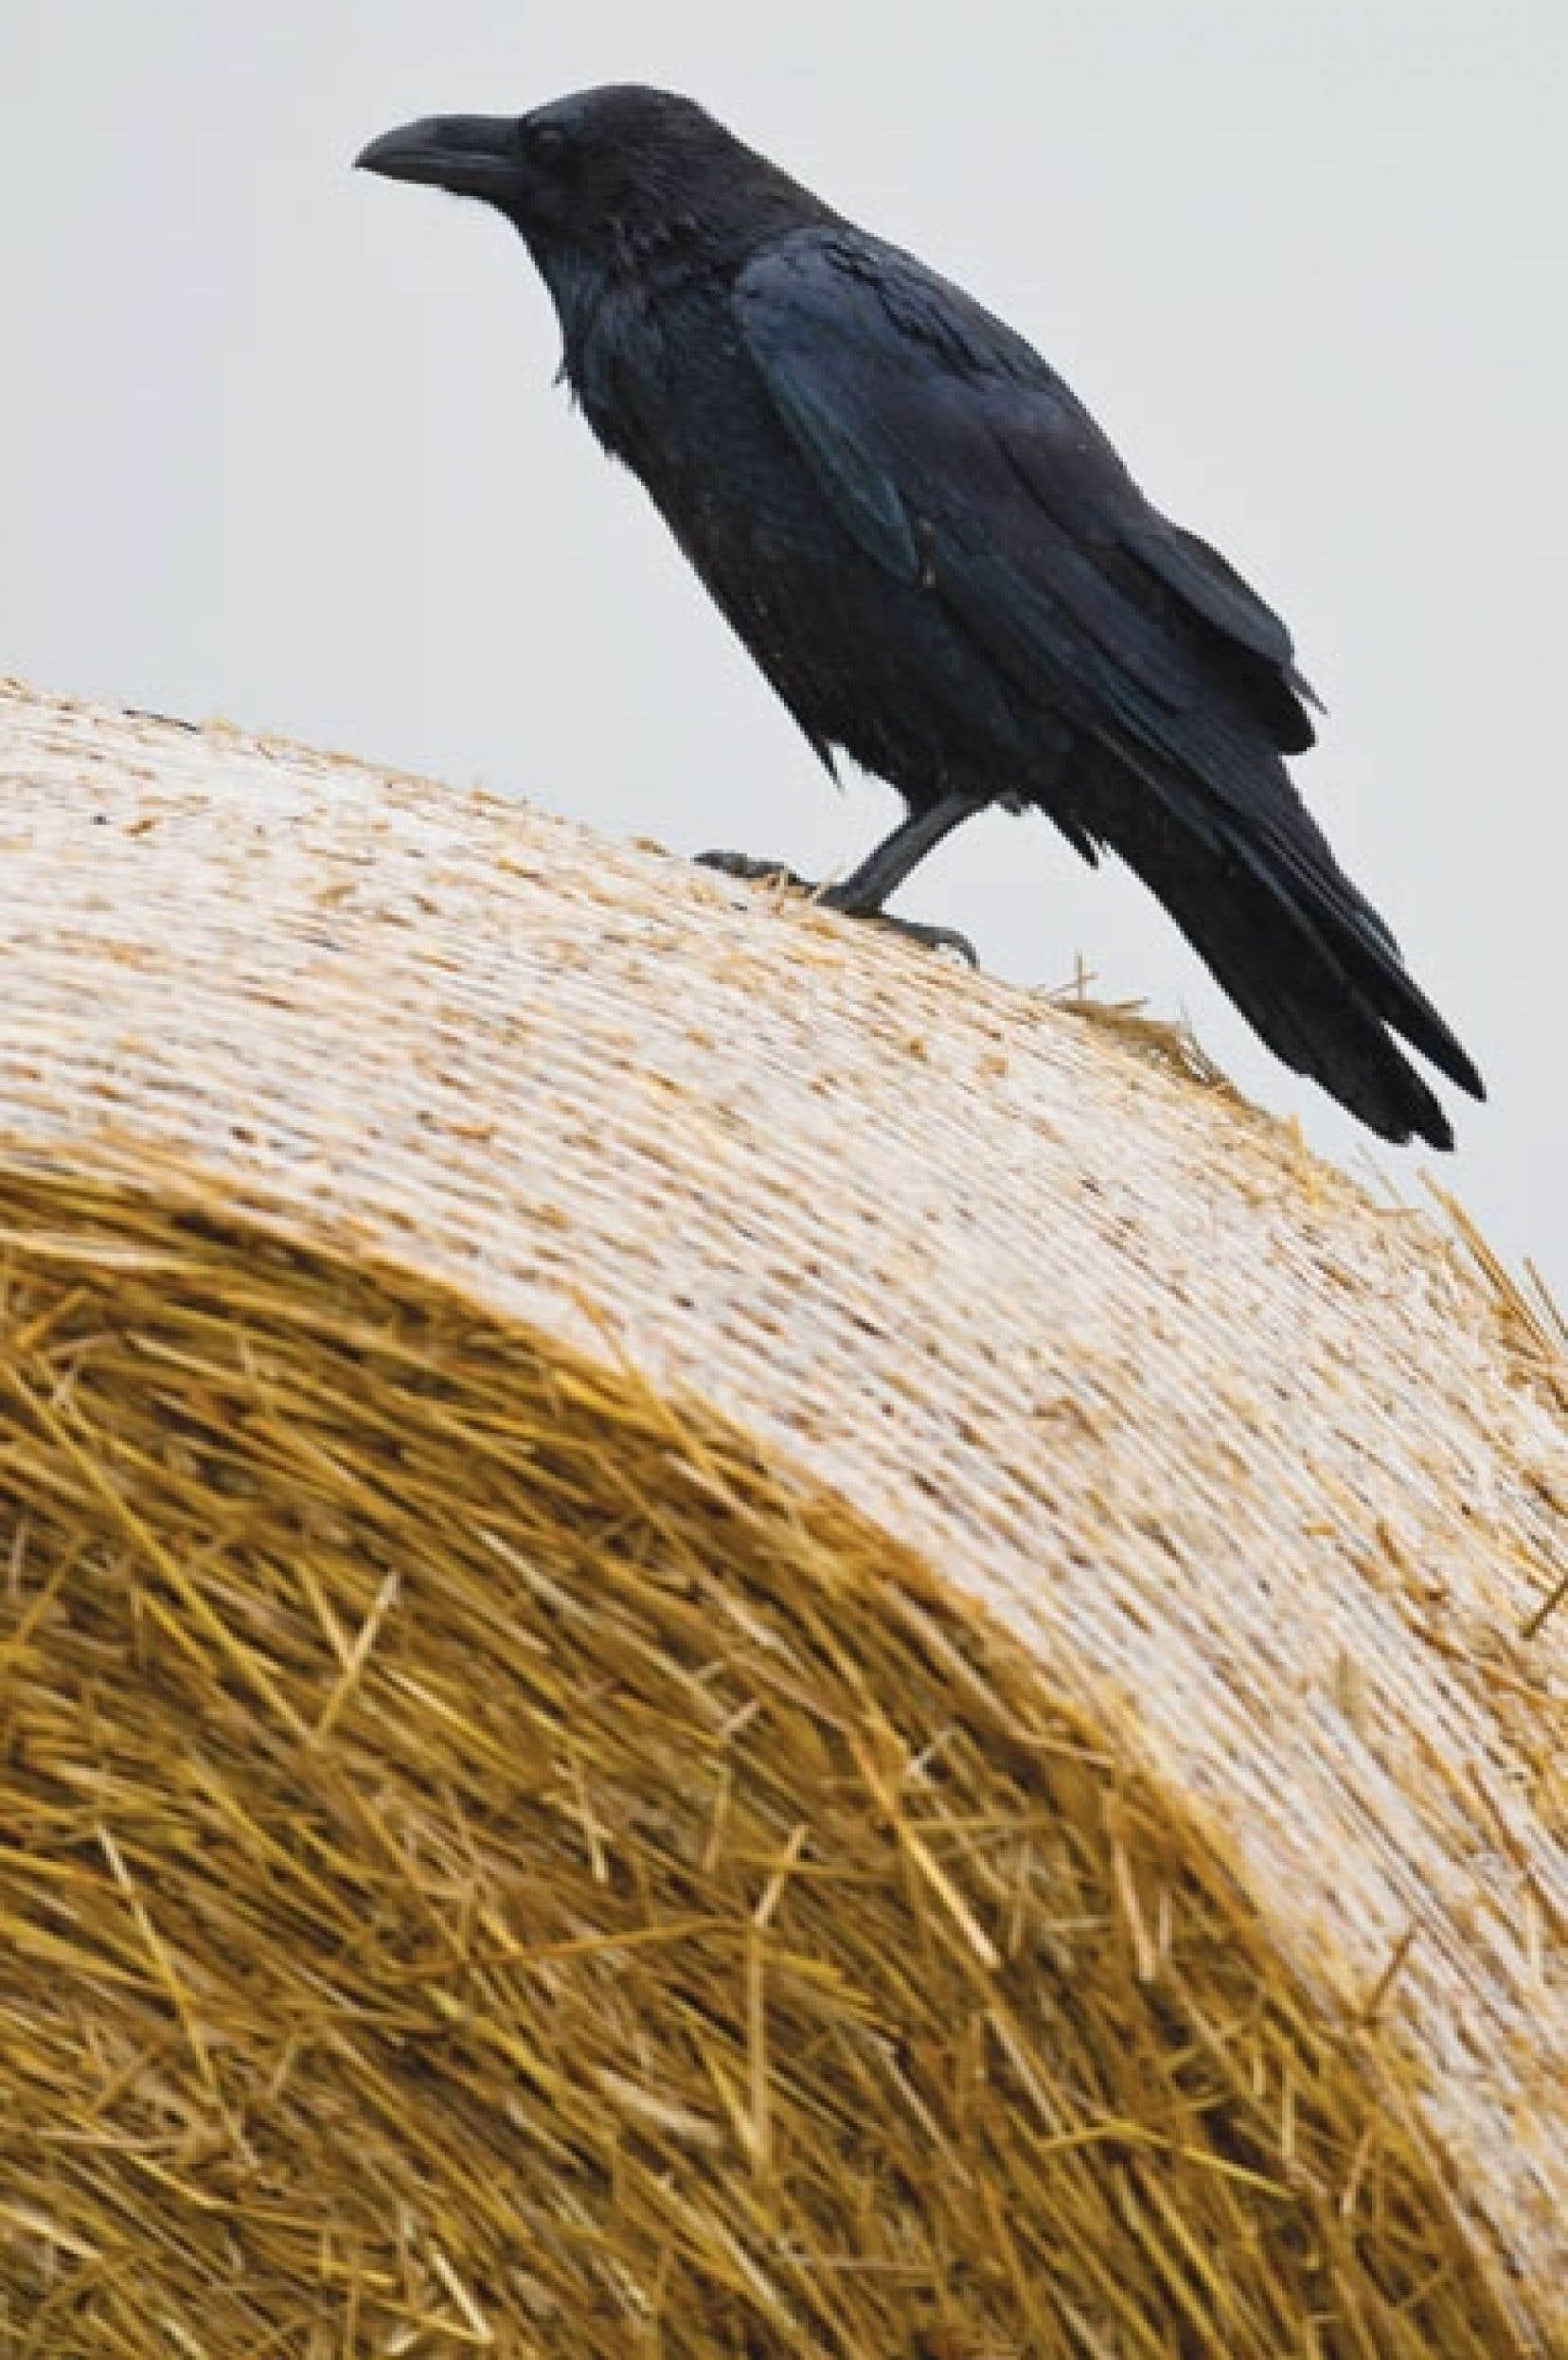 Un corbeau perché sur une balle de foin en Allemagne, mardi, «jour du dépassement» de la capacité de renouvellement des ressources de la Terre.